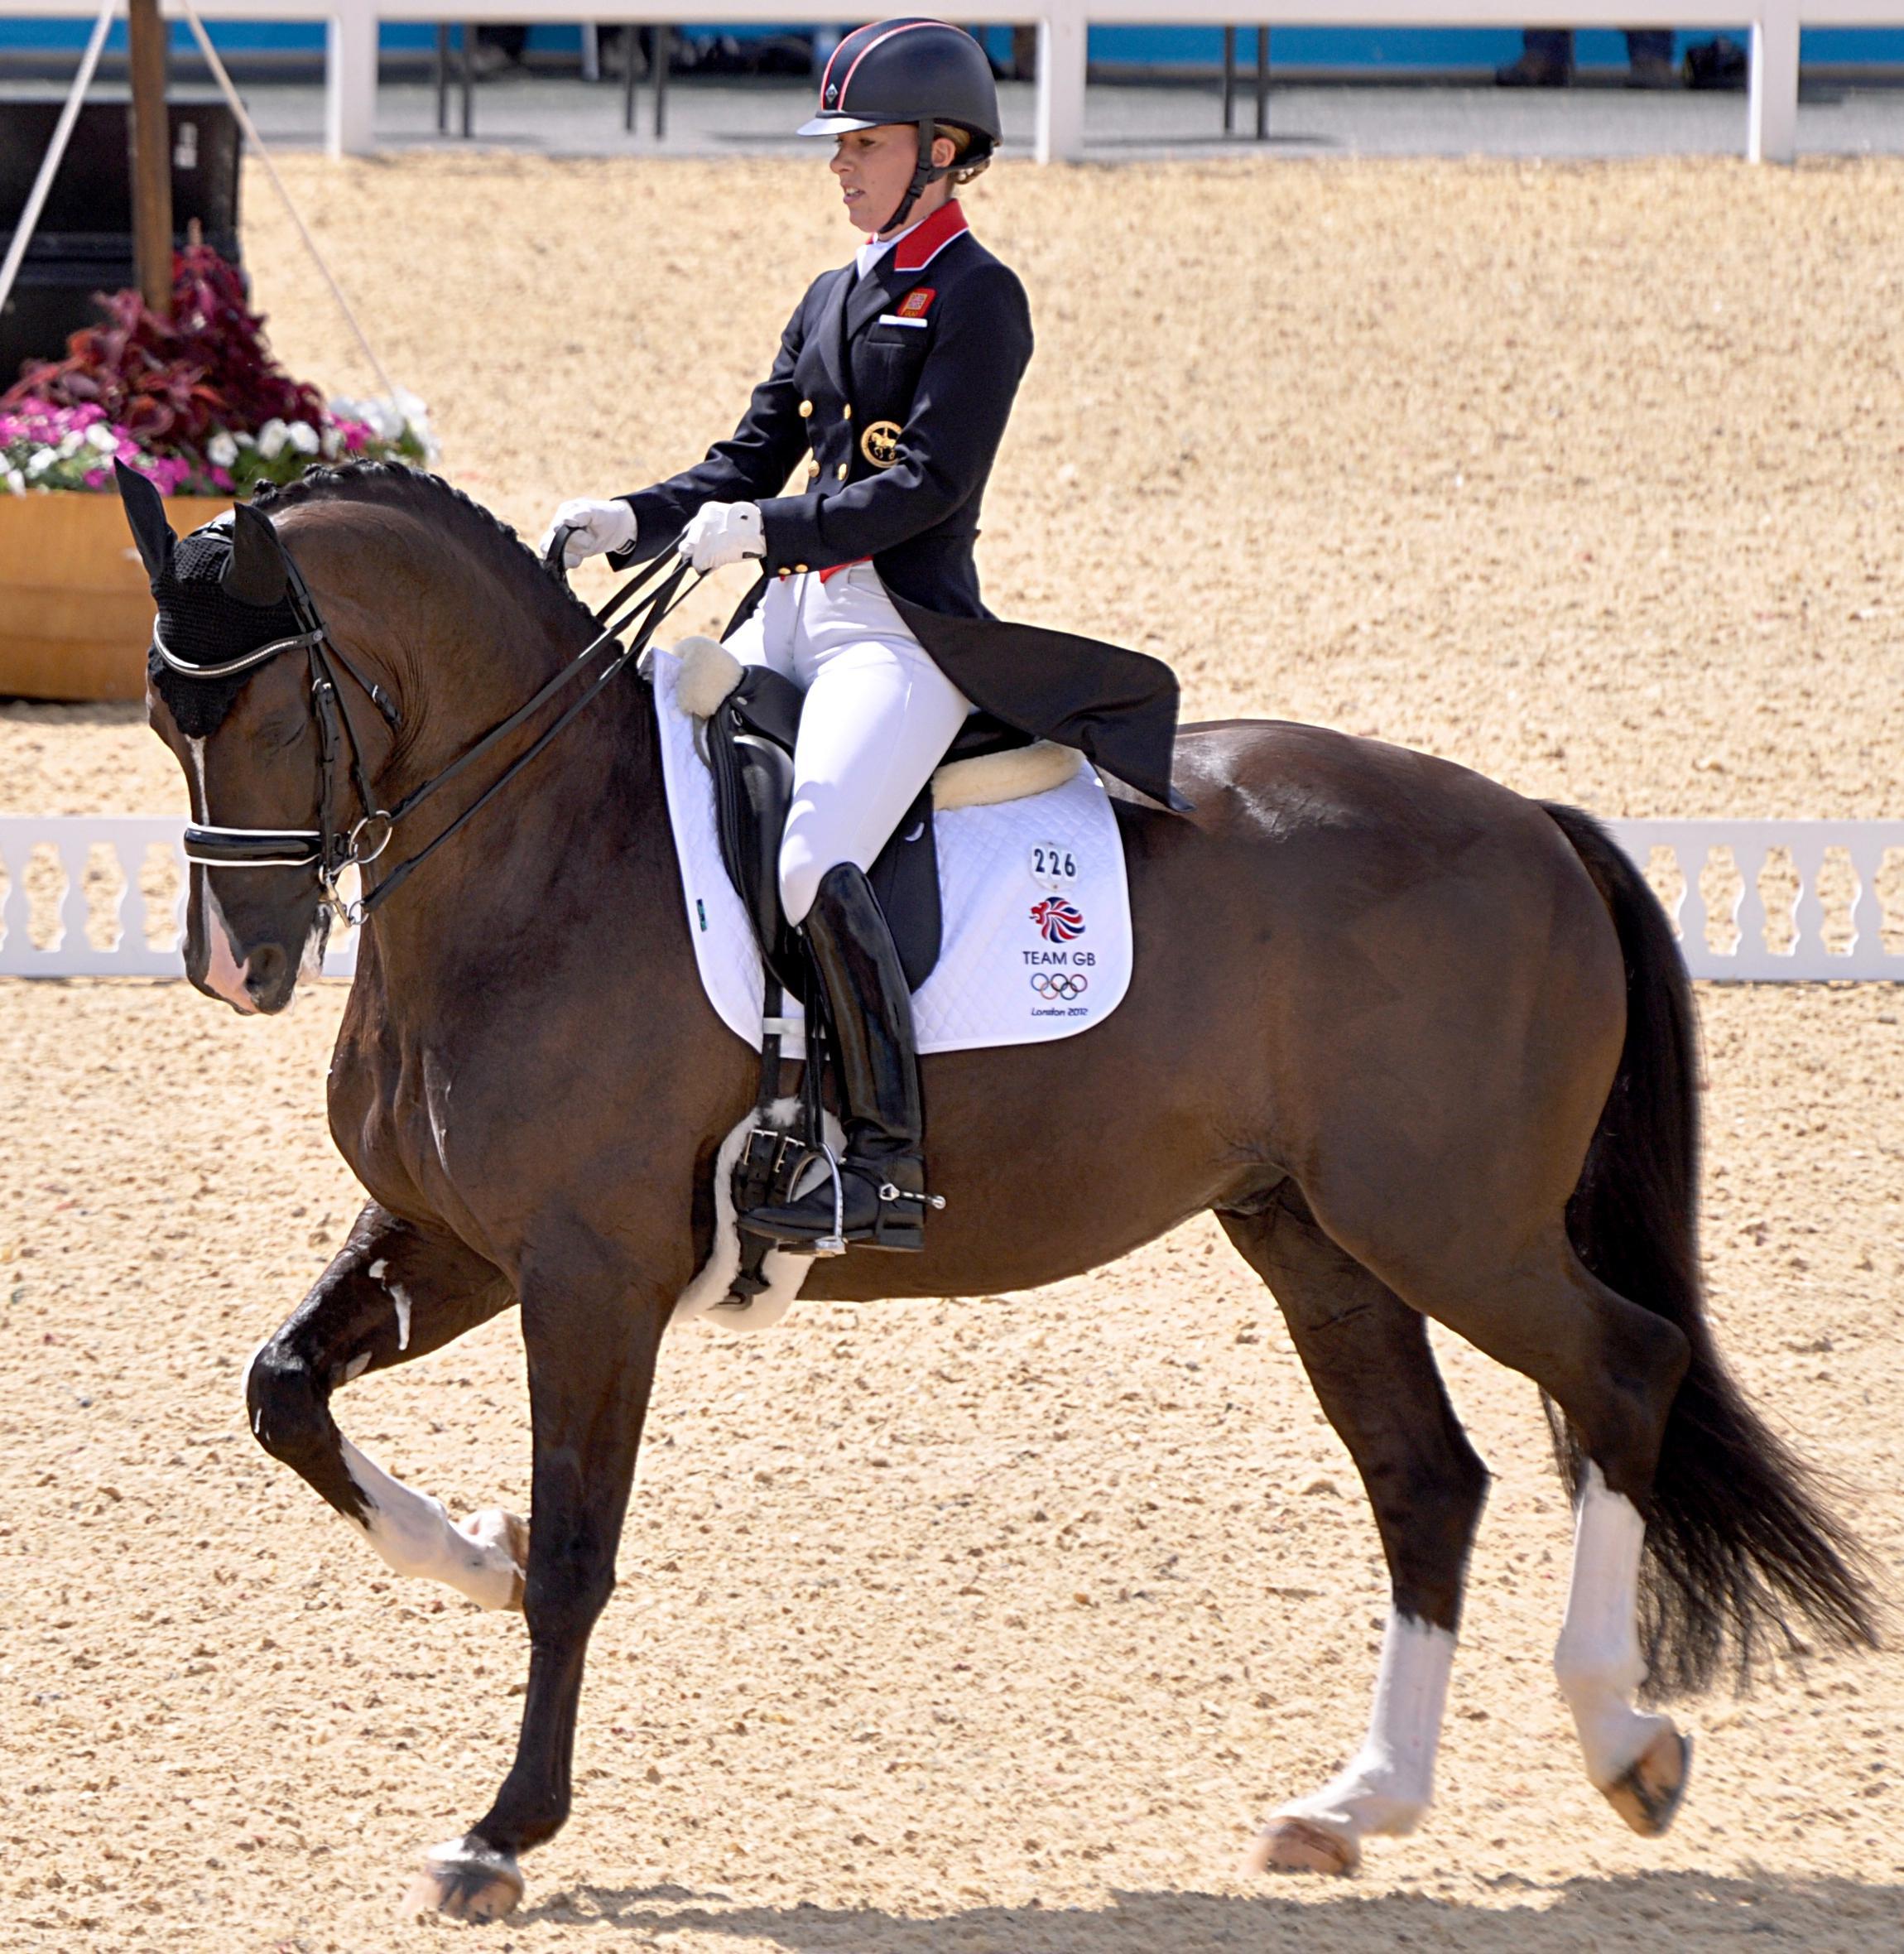 Jeux olympiques équestres, Rio 2016, dressage